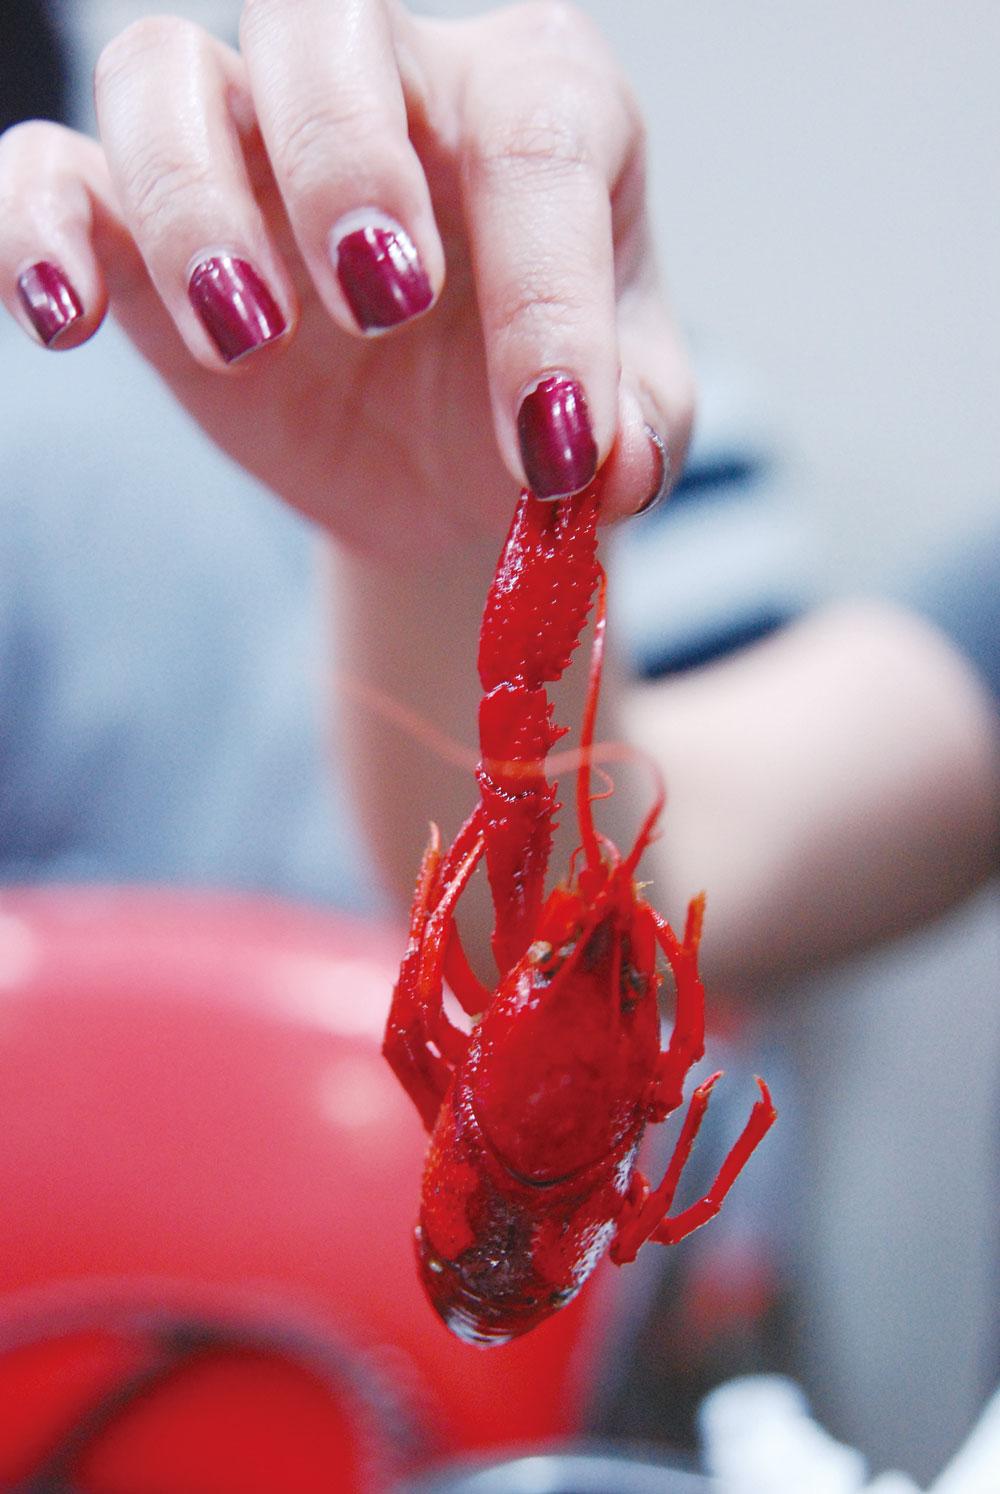 Crayfish (xiaolongxia) in Shanghai